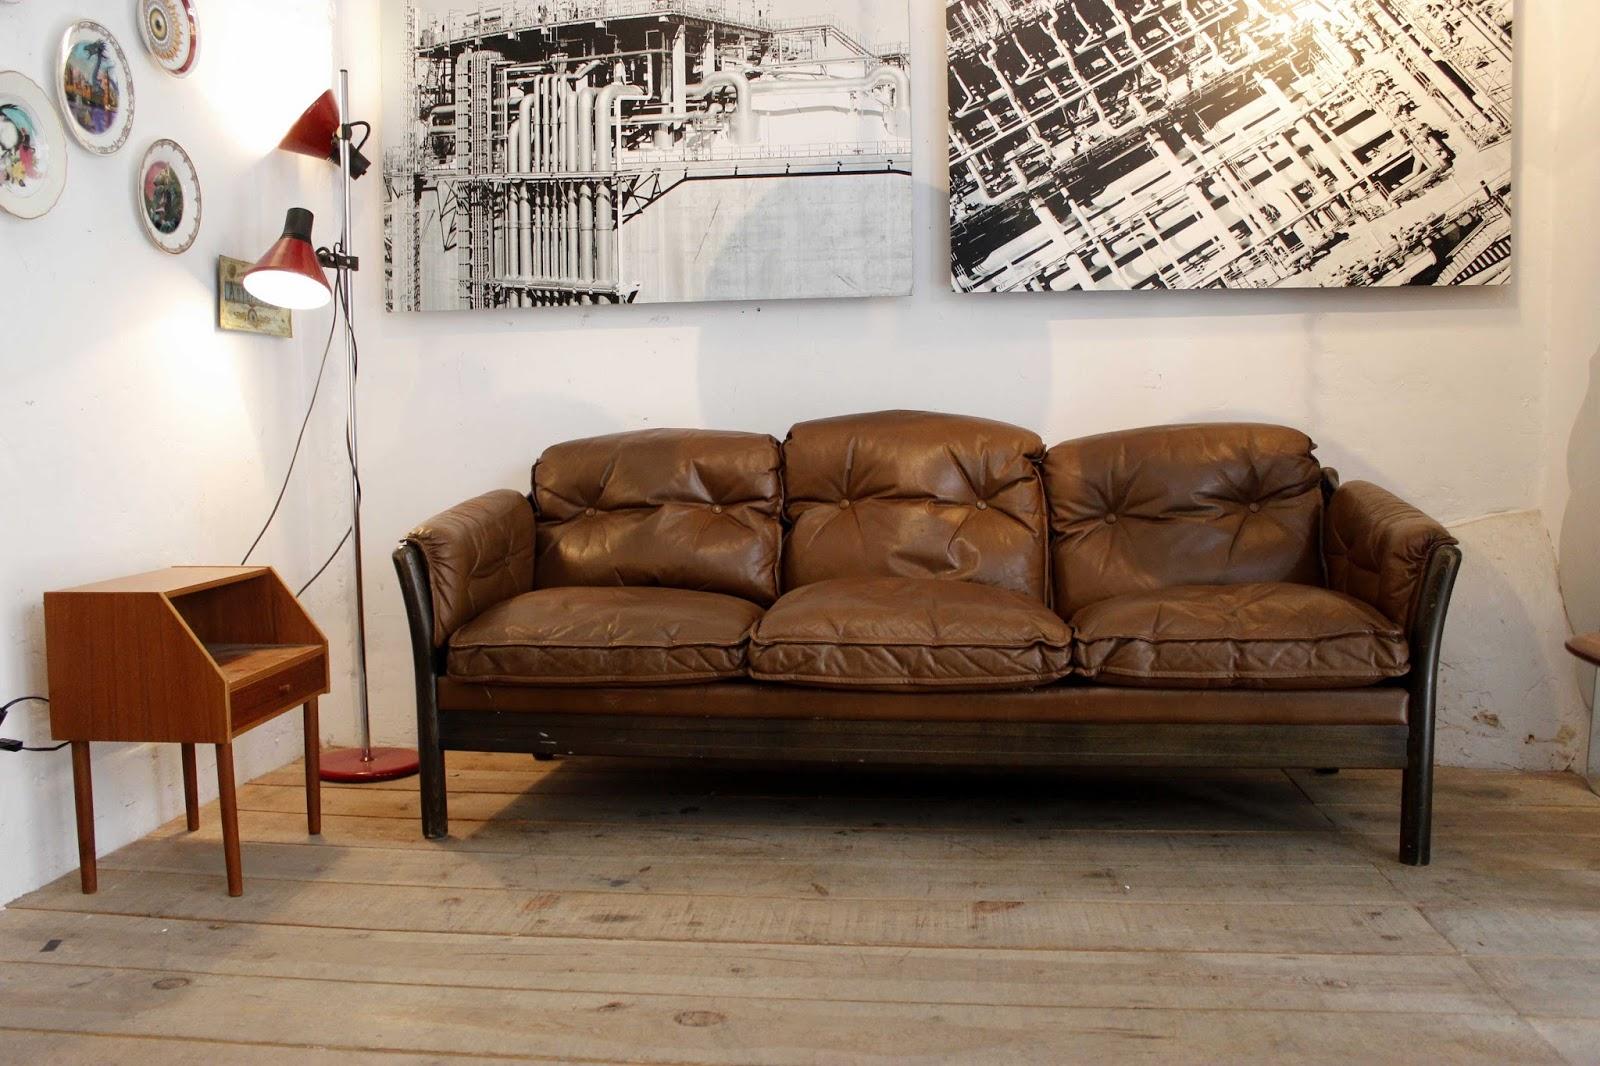 nuevos sofas y butacas vintage al mejor en precio con tienda vintage en madrid envio a toda espaa